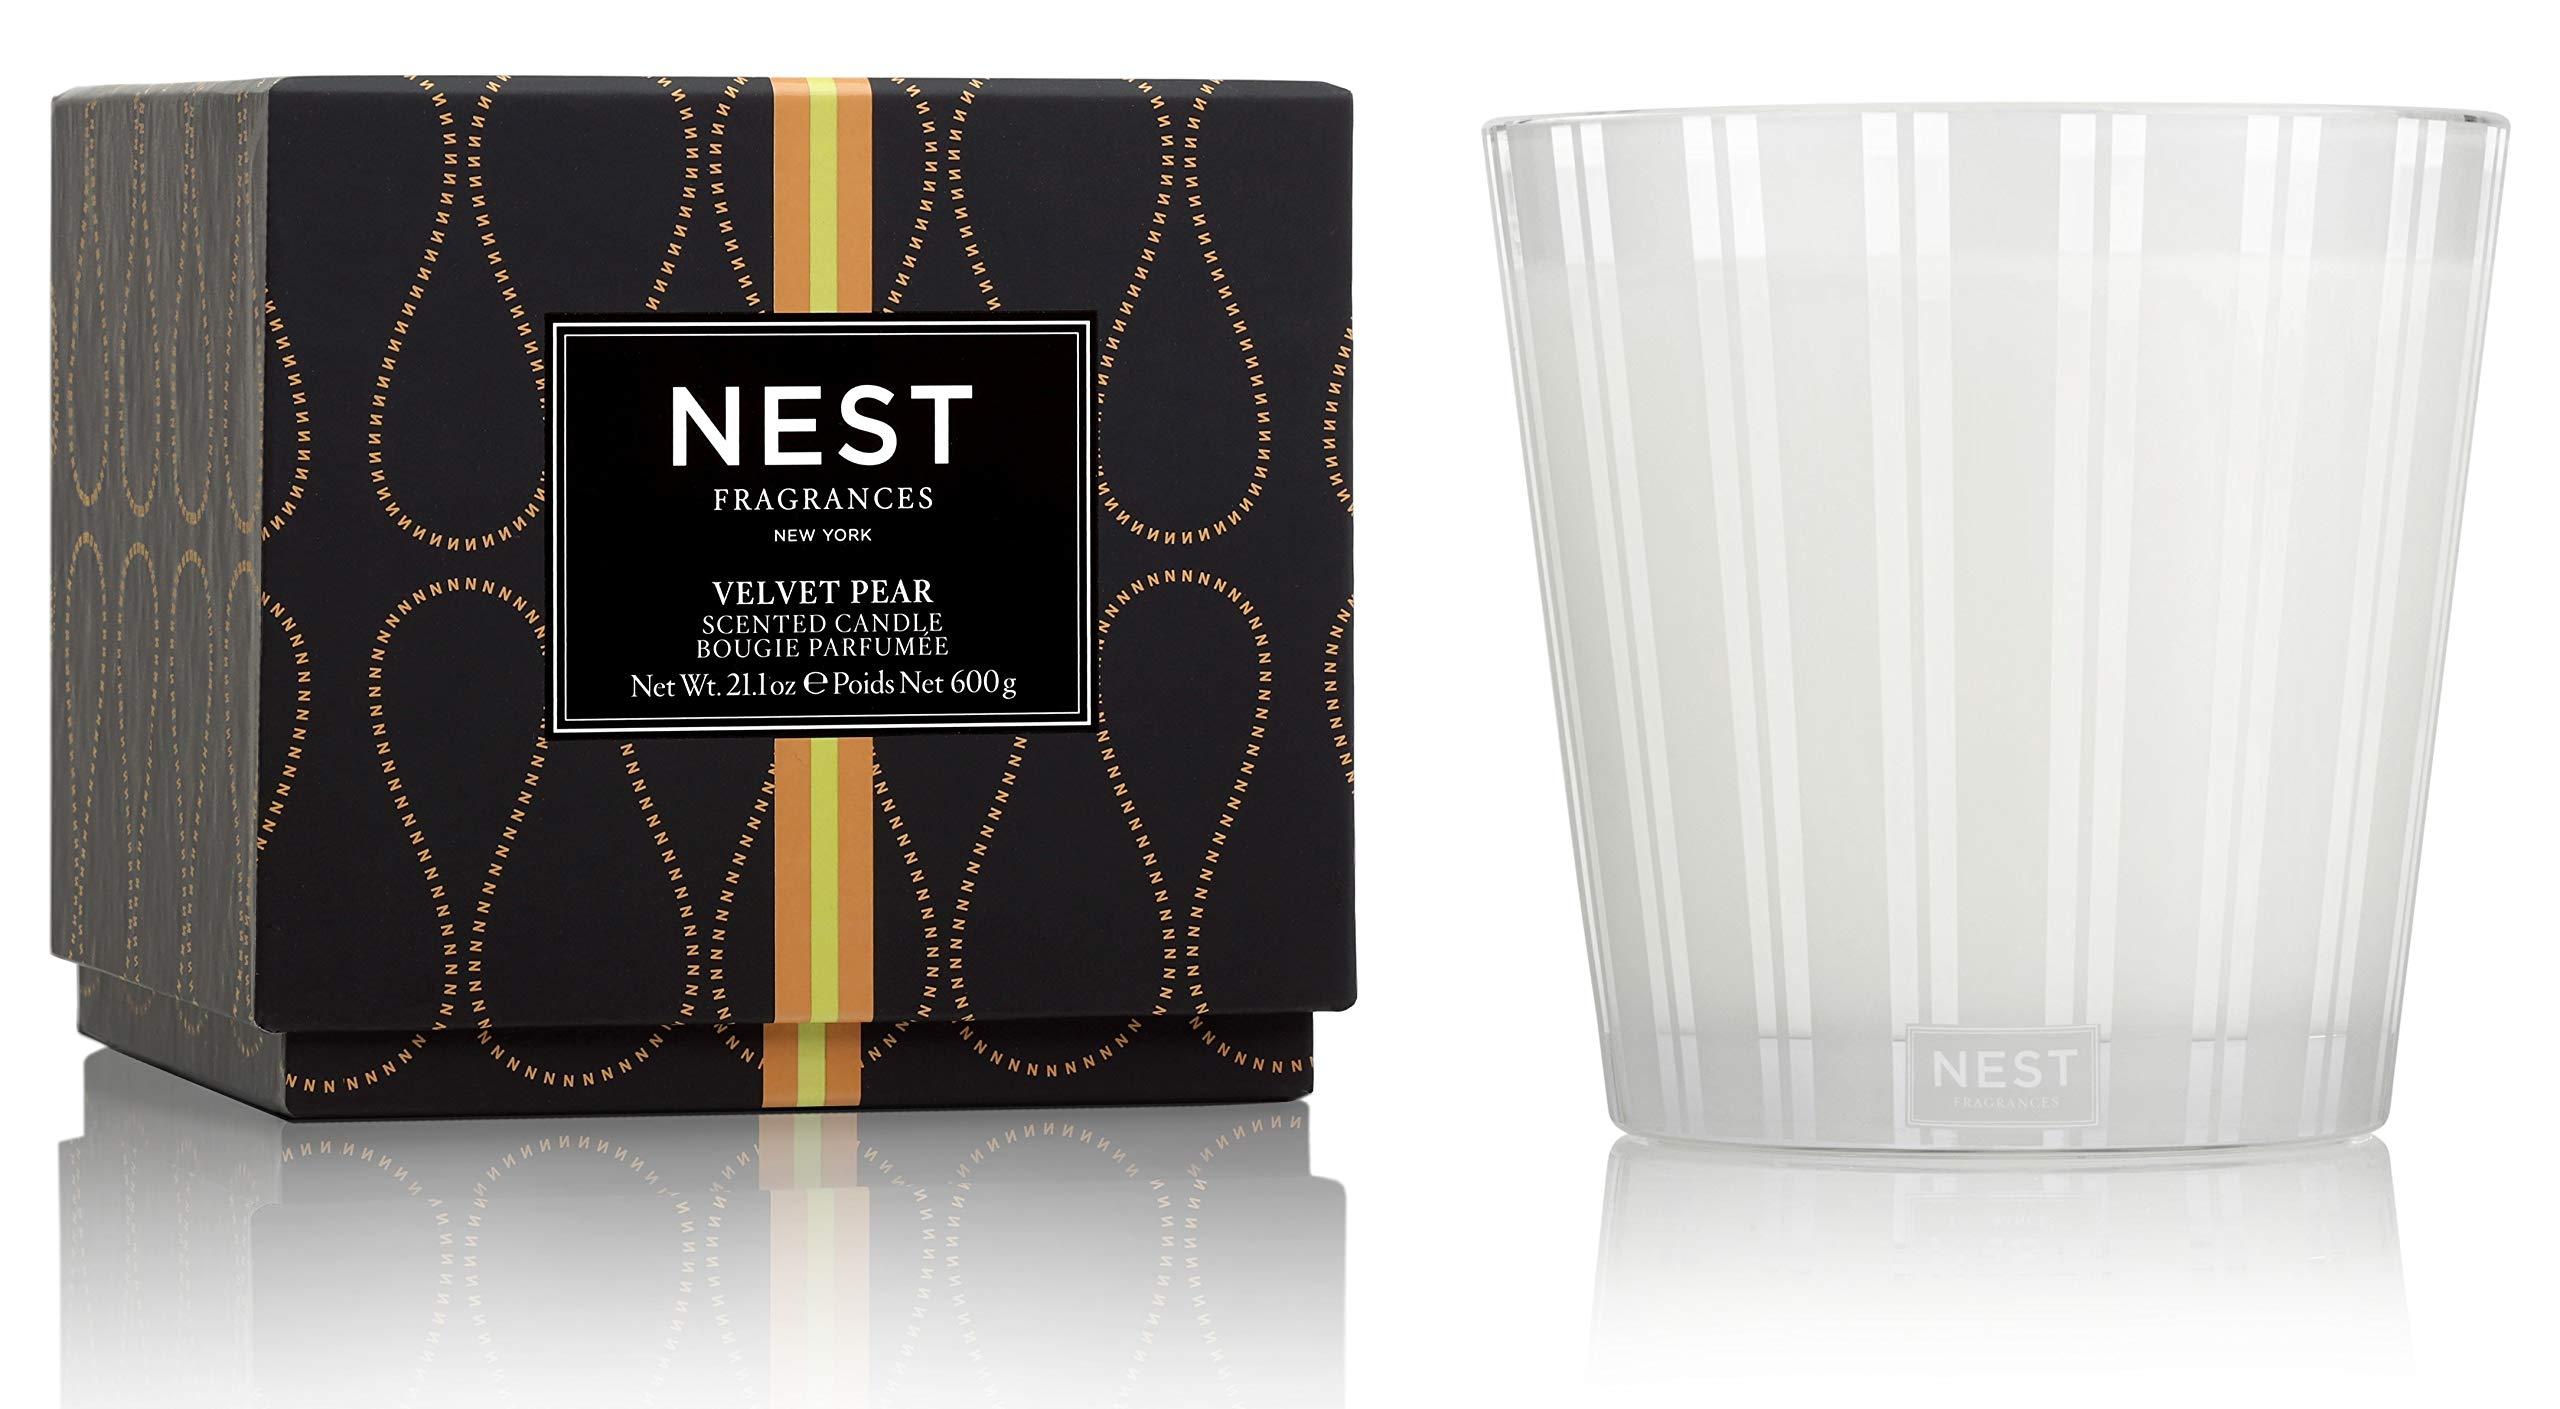 NEST Fragrances Velvet Pear 3-Wick Candle